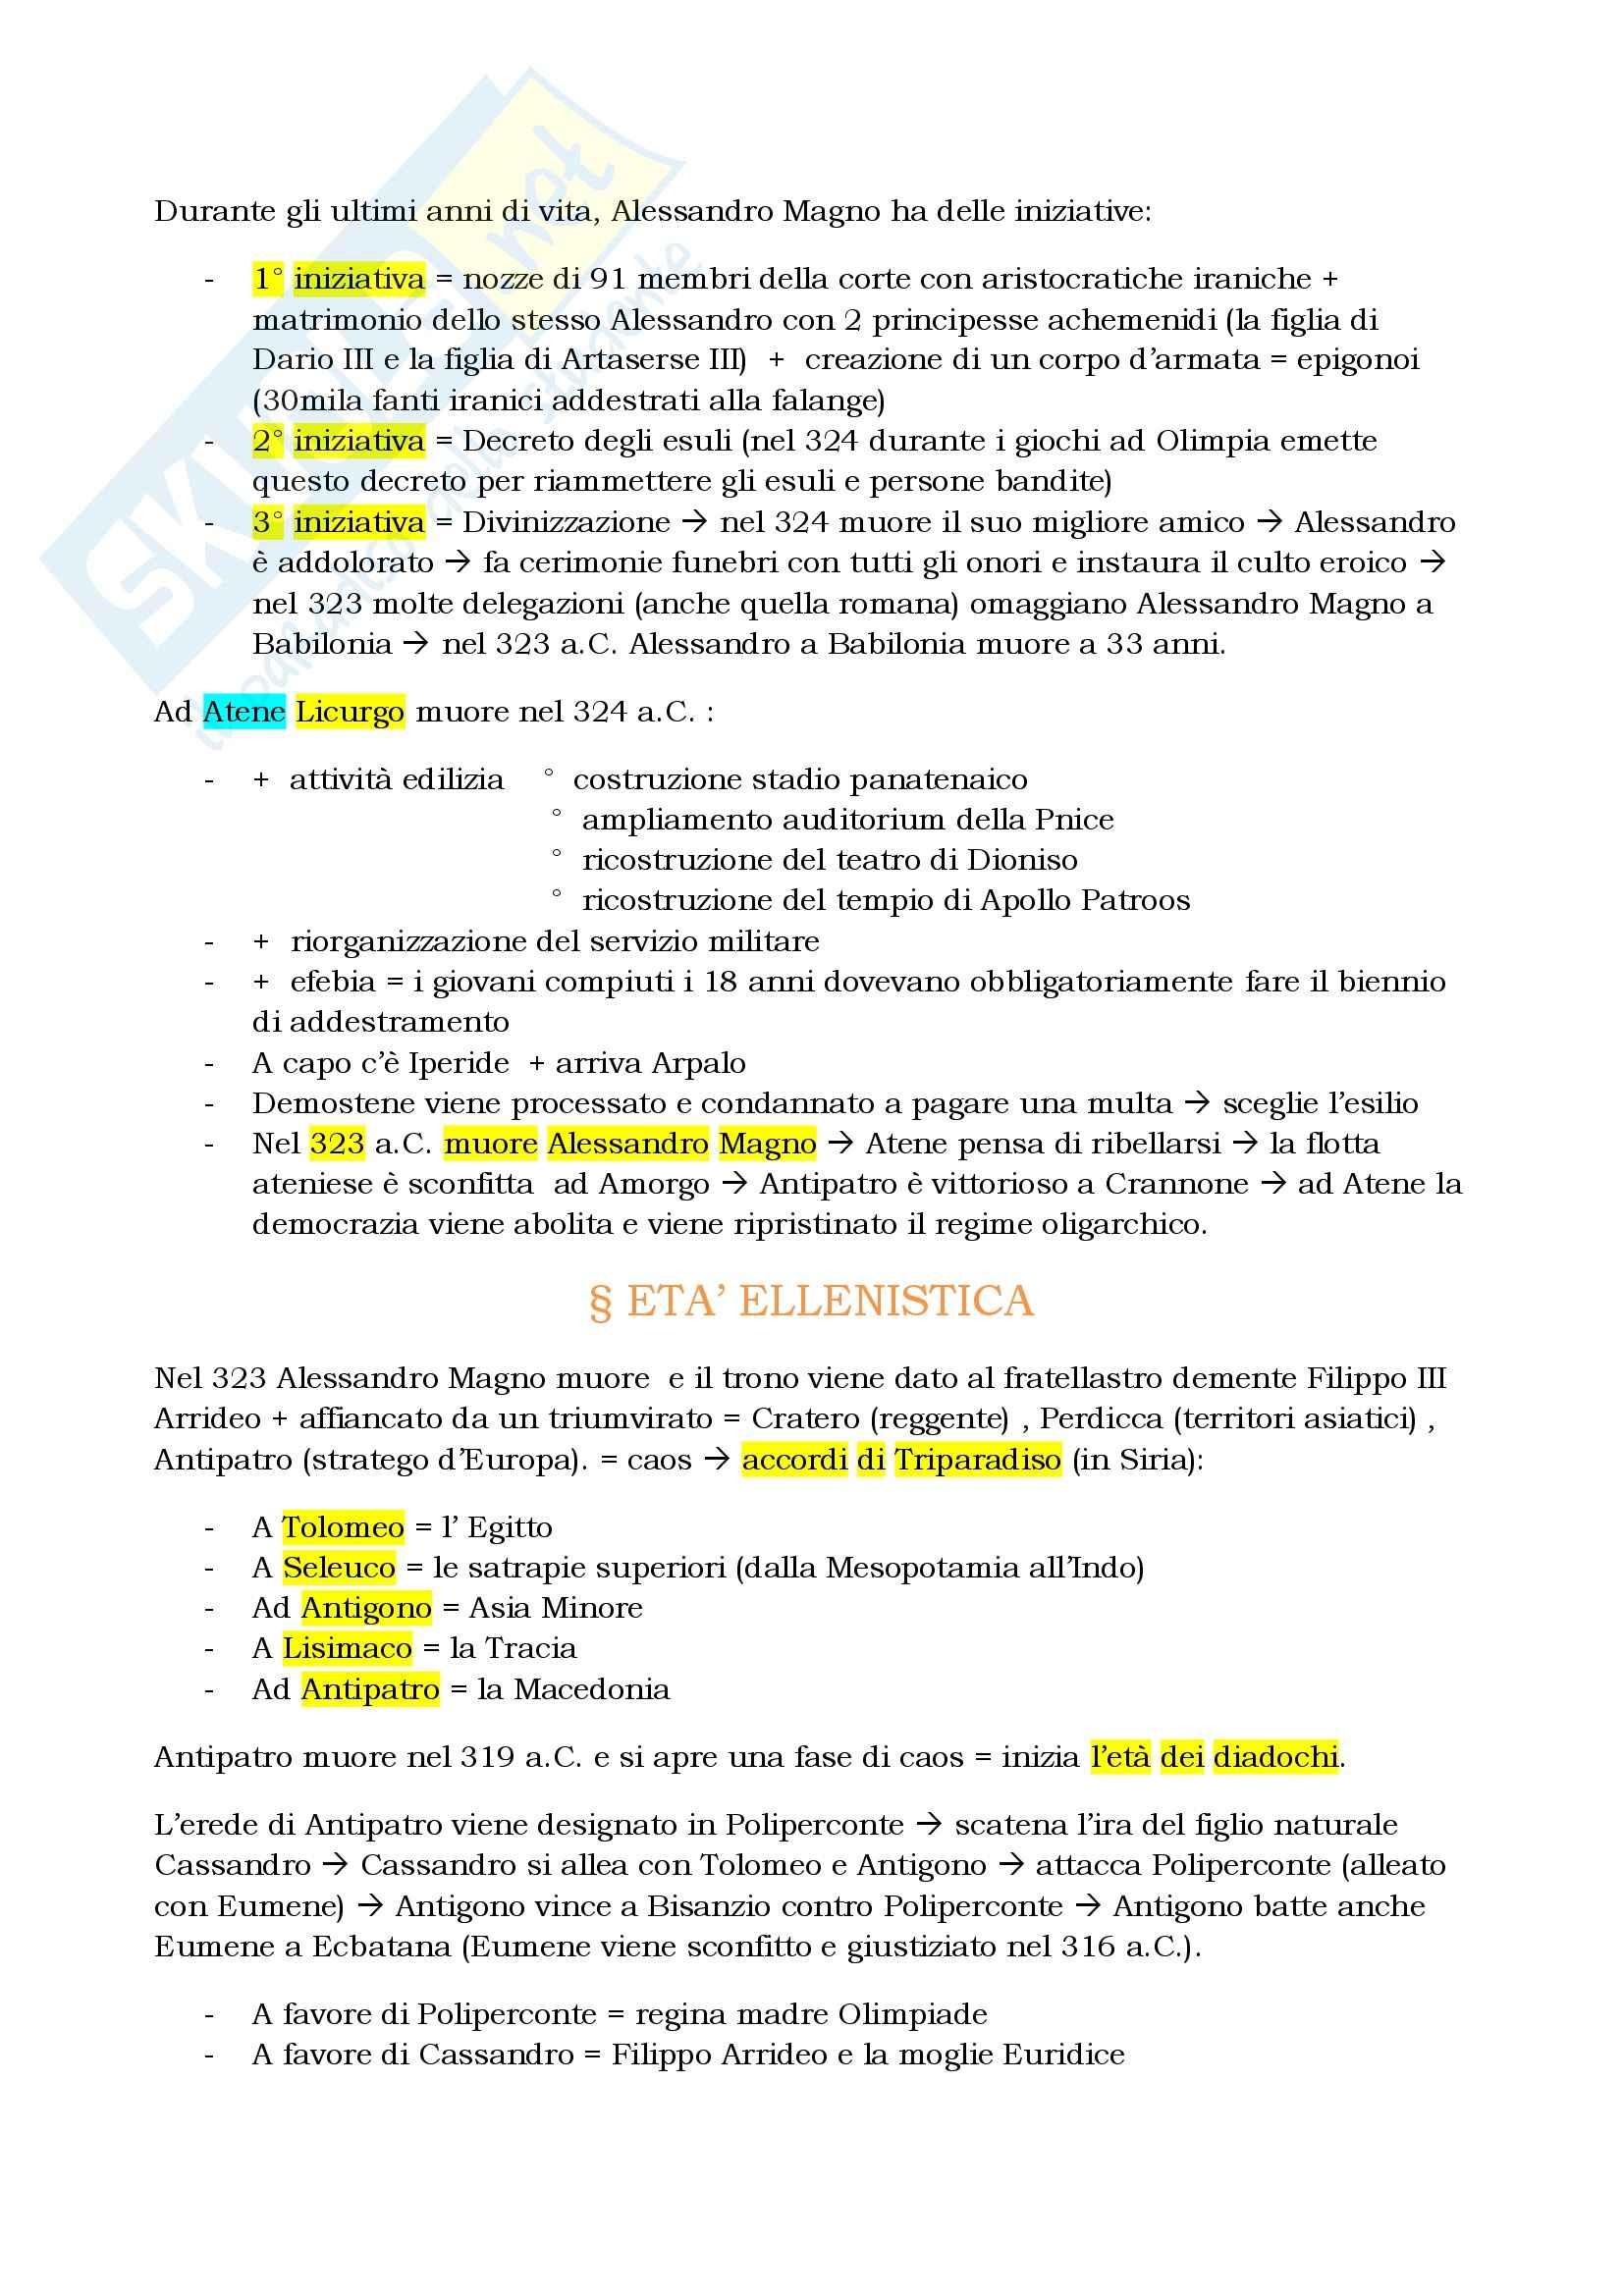 Riassunto esame Storia greca, prof. Berlinzani, libro consigliato Storia greca, Corsaro, Gallo Pag. 21